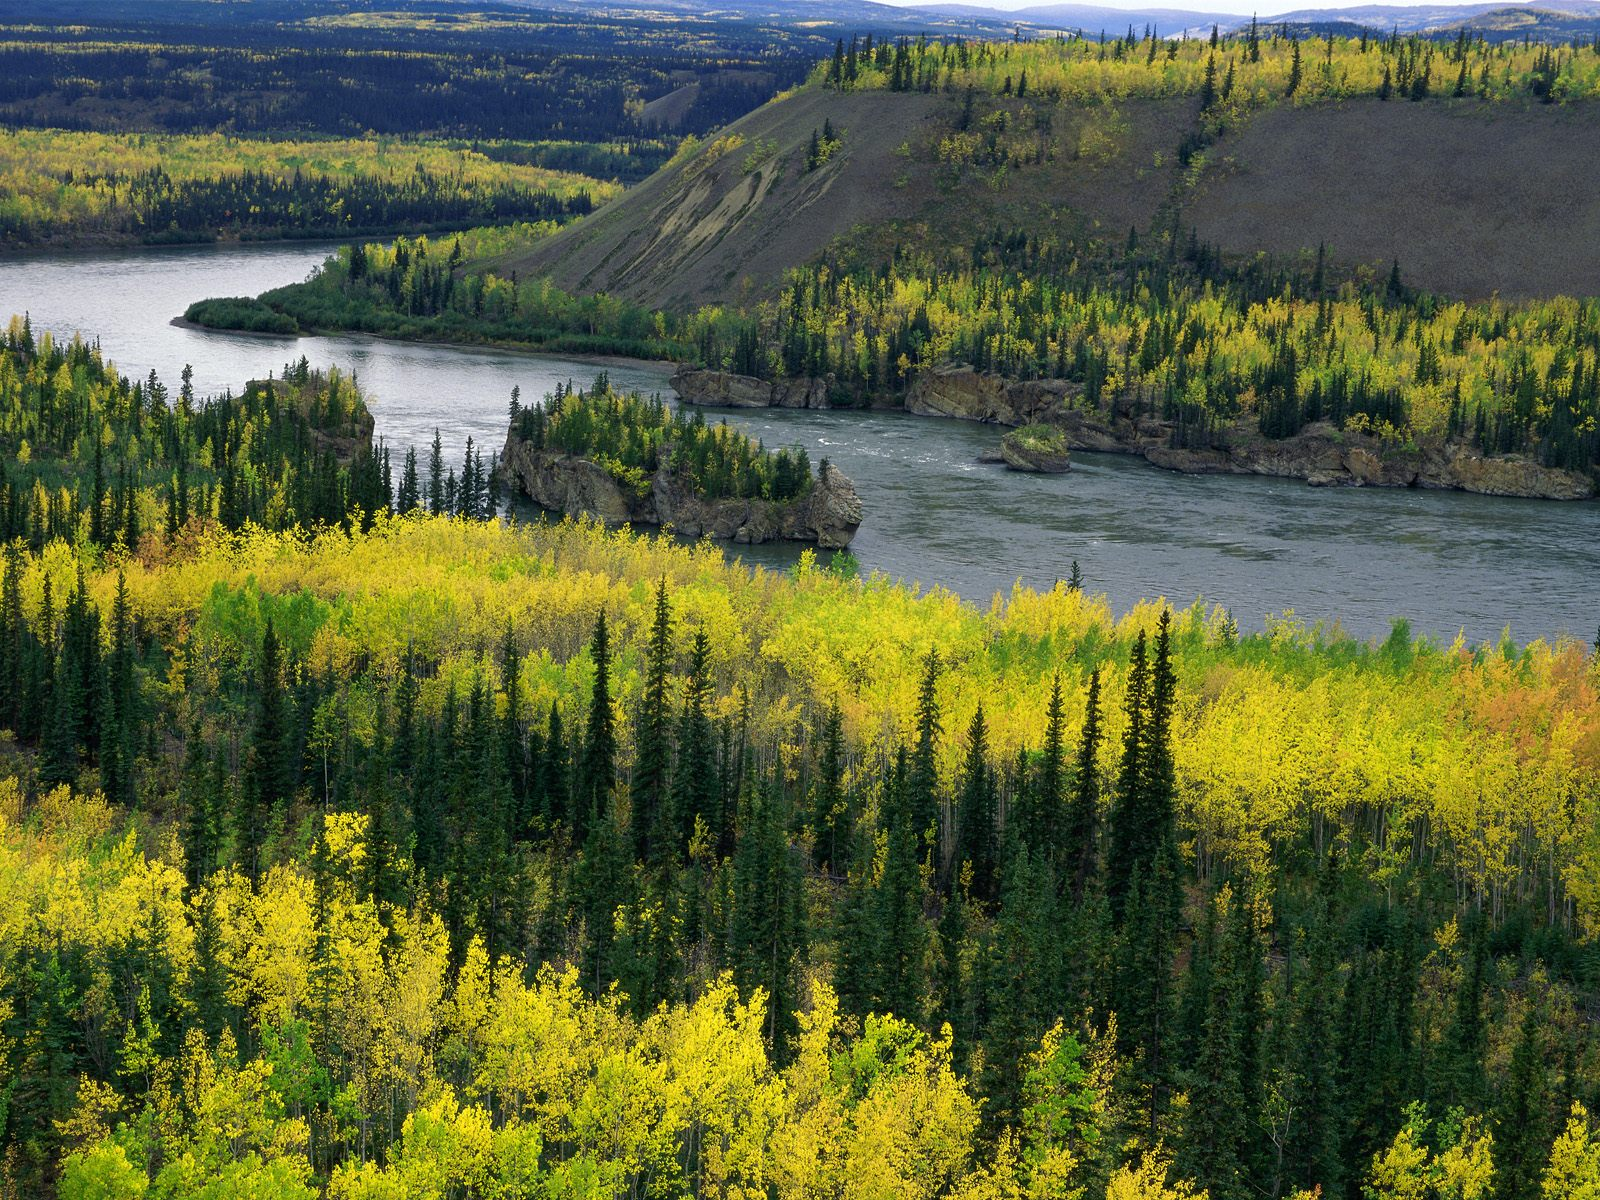 Free Yukon Wallpaper 37491 1920x1080 px